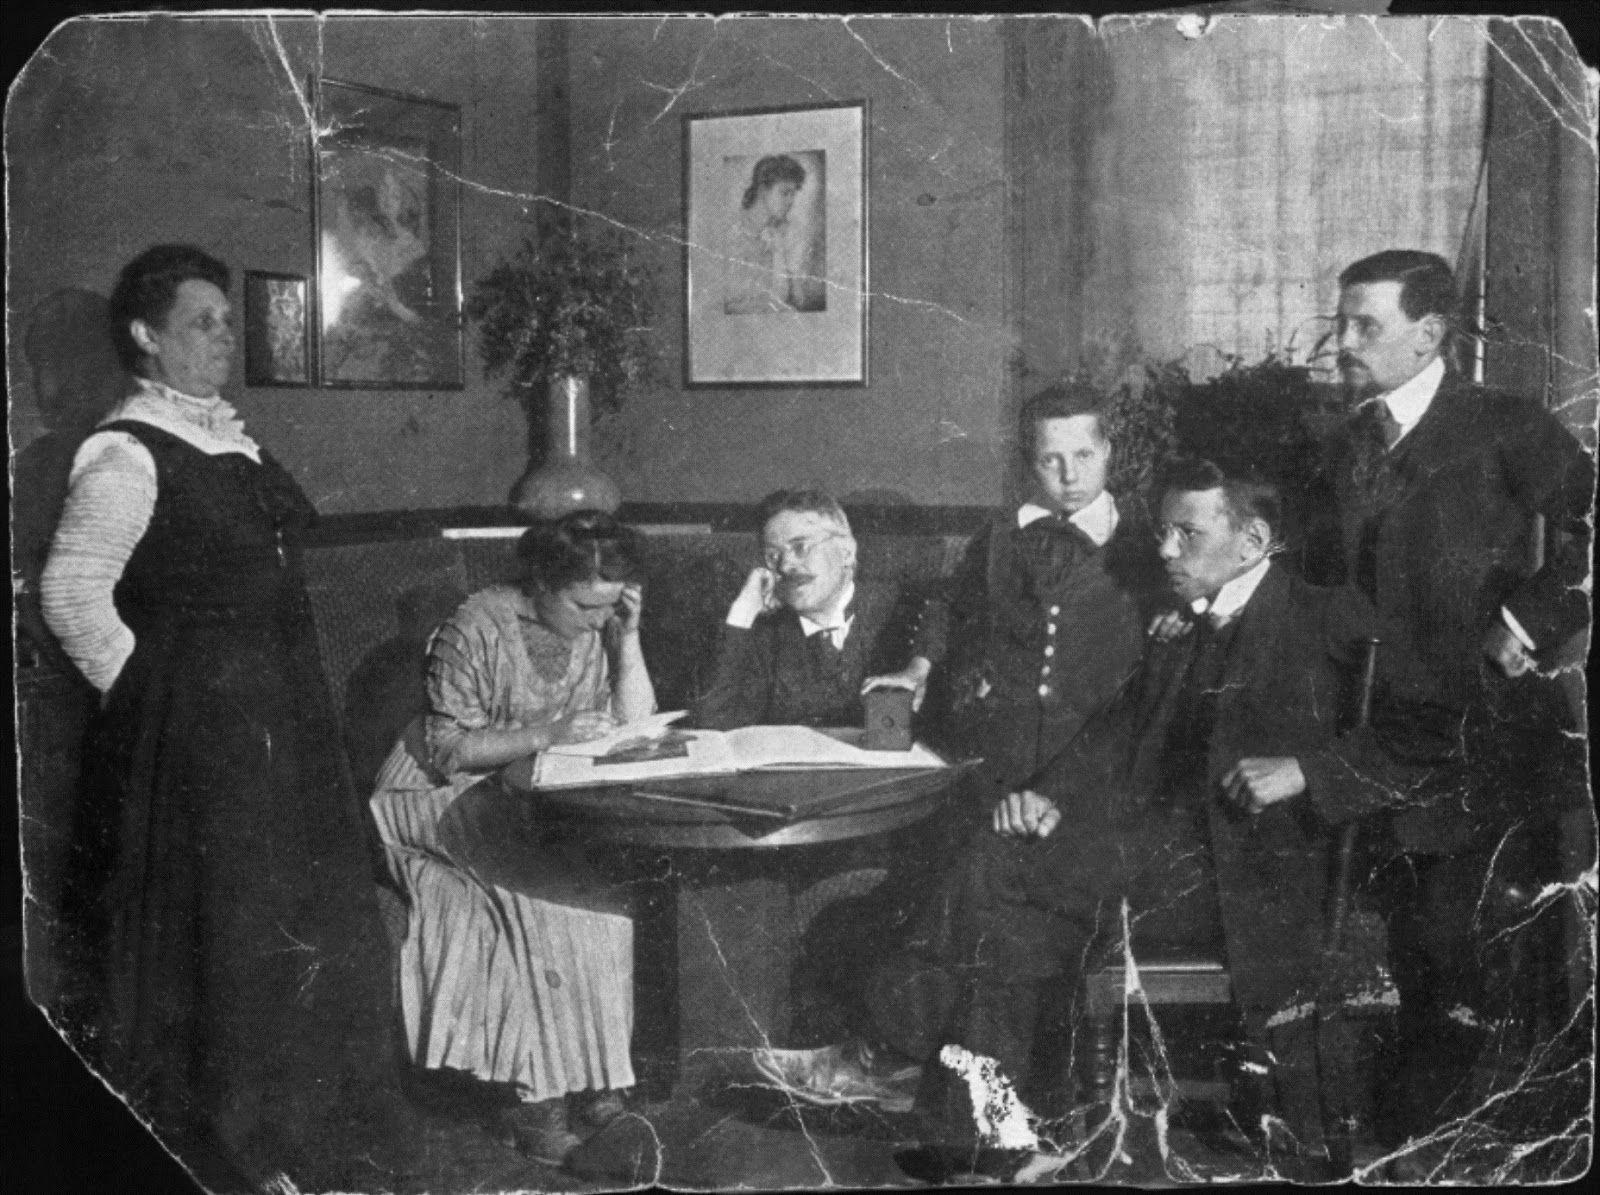 Carl Jung Depth Psychology: Sabina Spielrein Biography